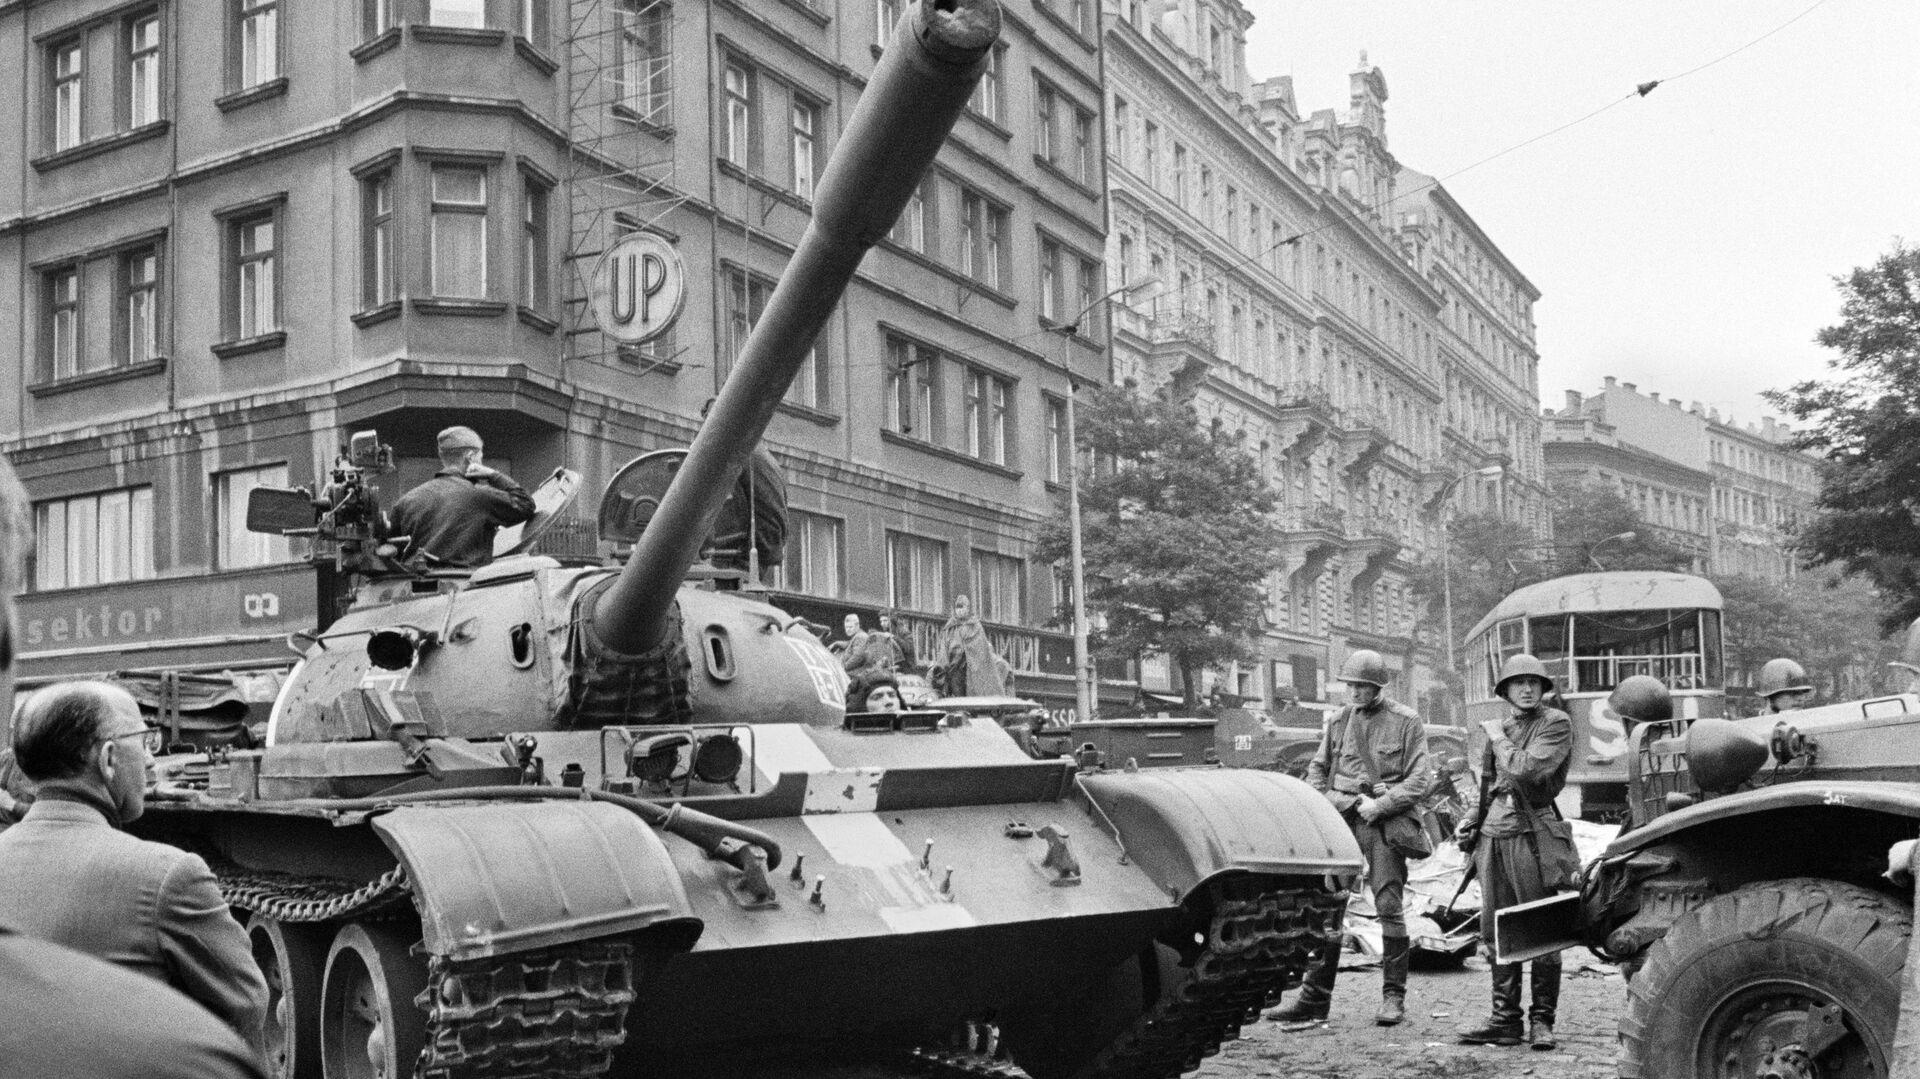 Sovětské tanky v ulicích Prahy, 1968 - Sputnik Česká republika, 1920, 23.08.2021